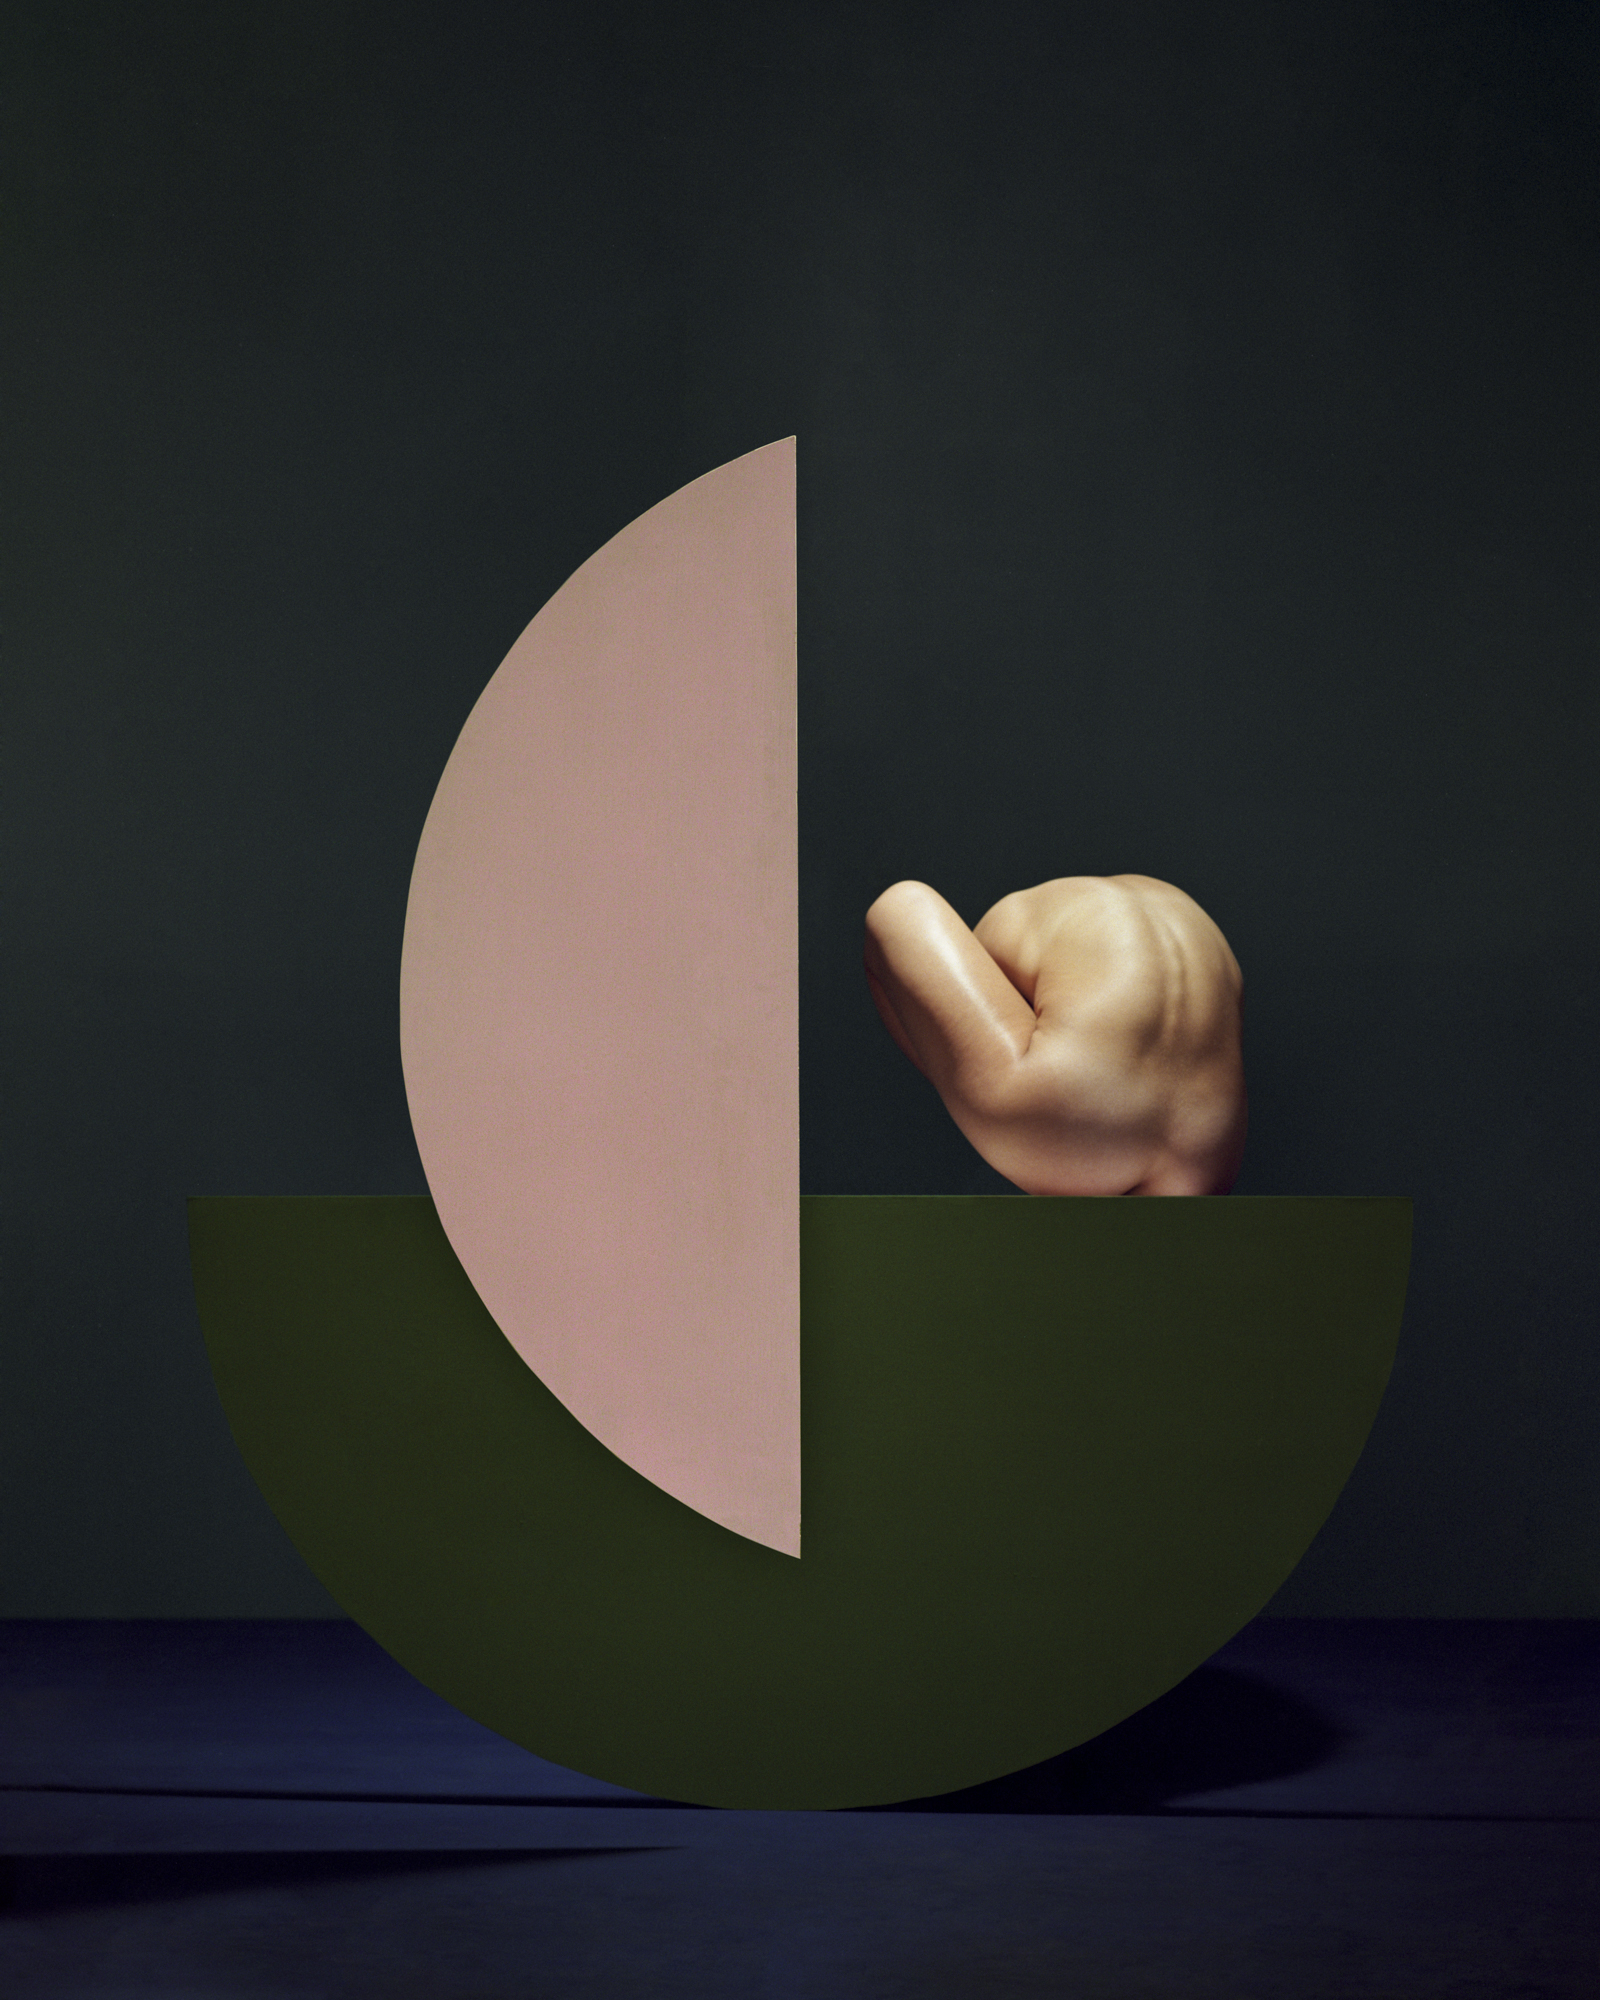 Rodrigo Chapa 人体和彩色几何形状的彩色抽象照片